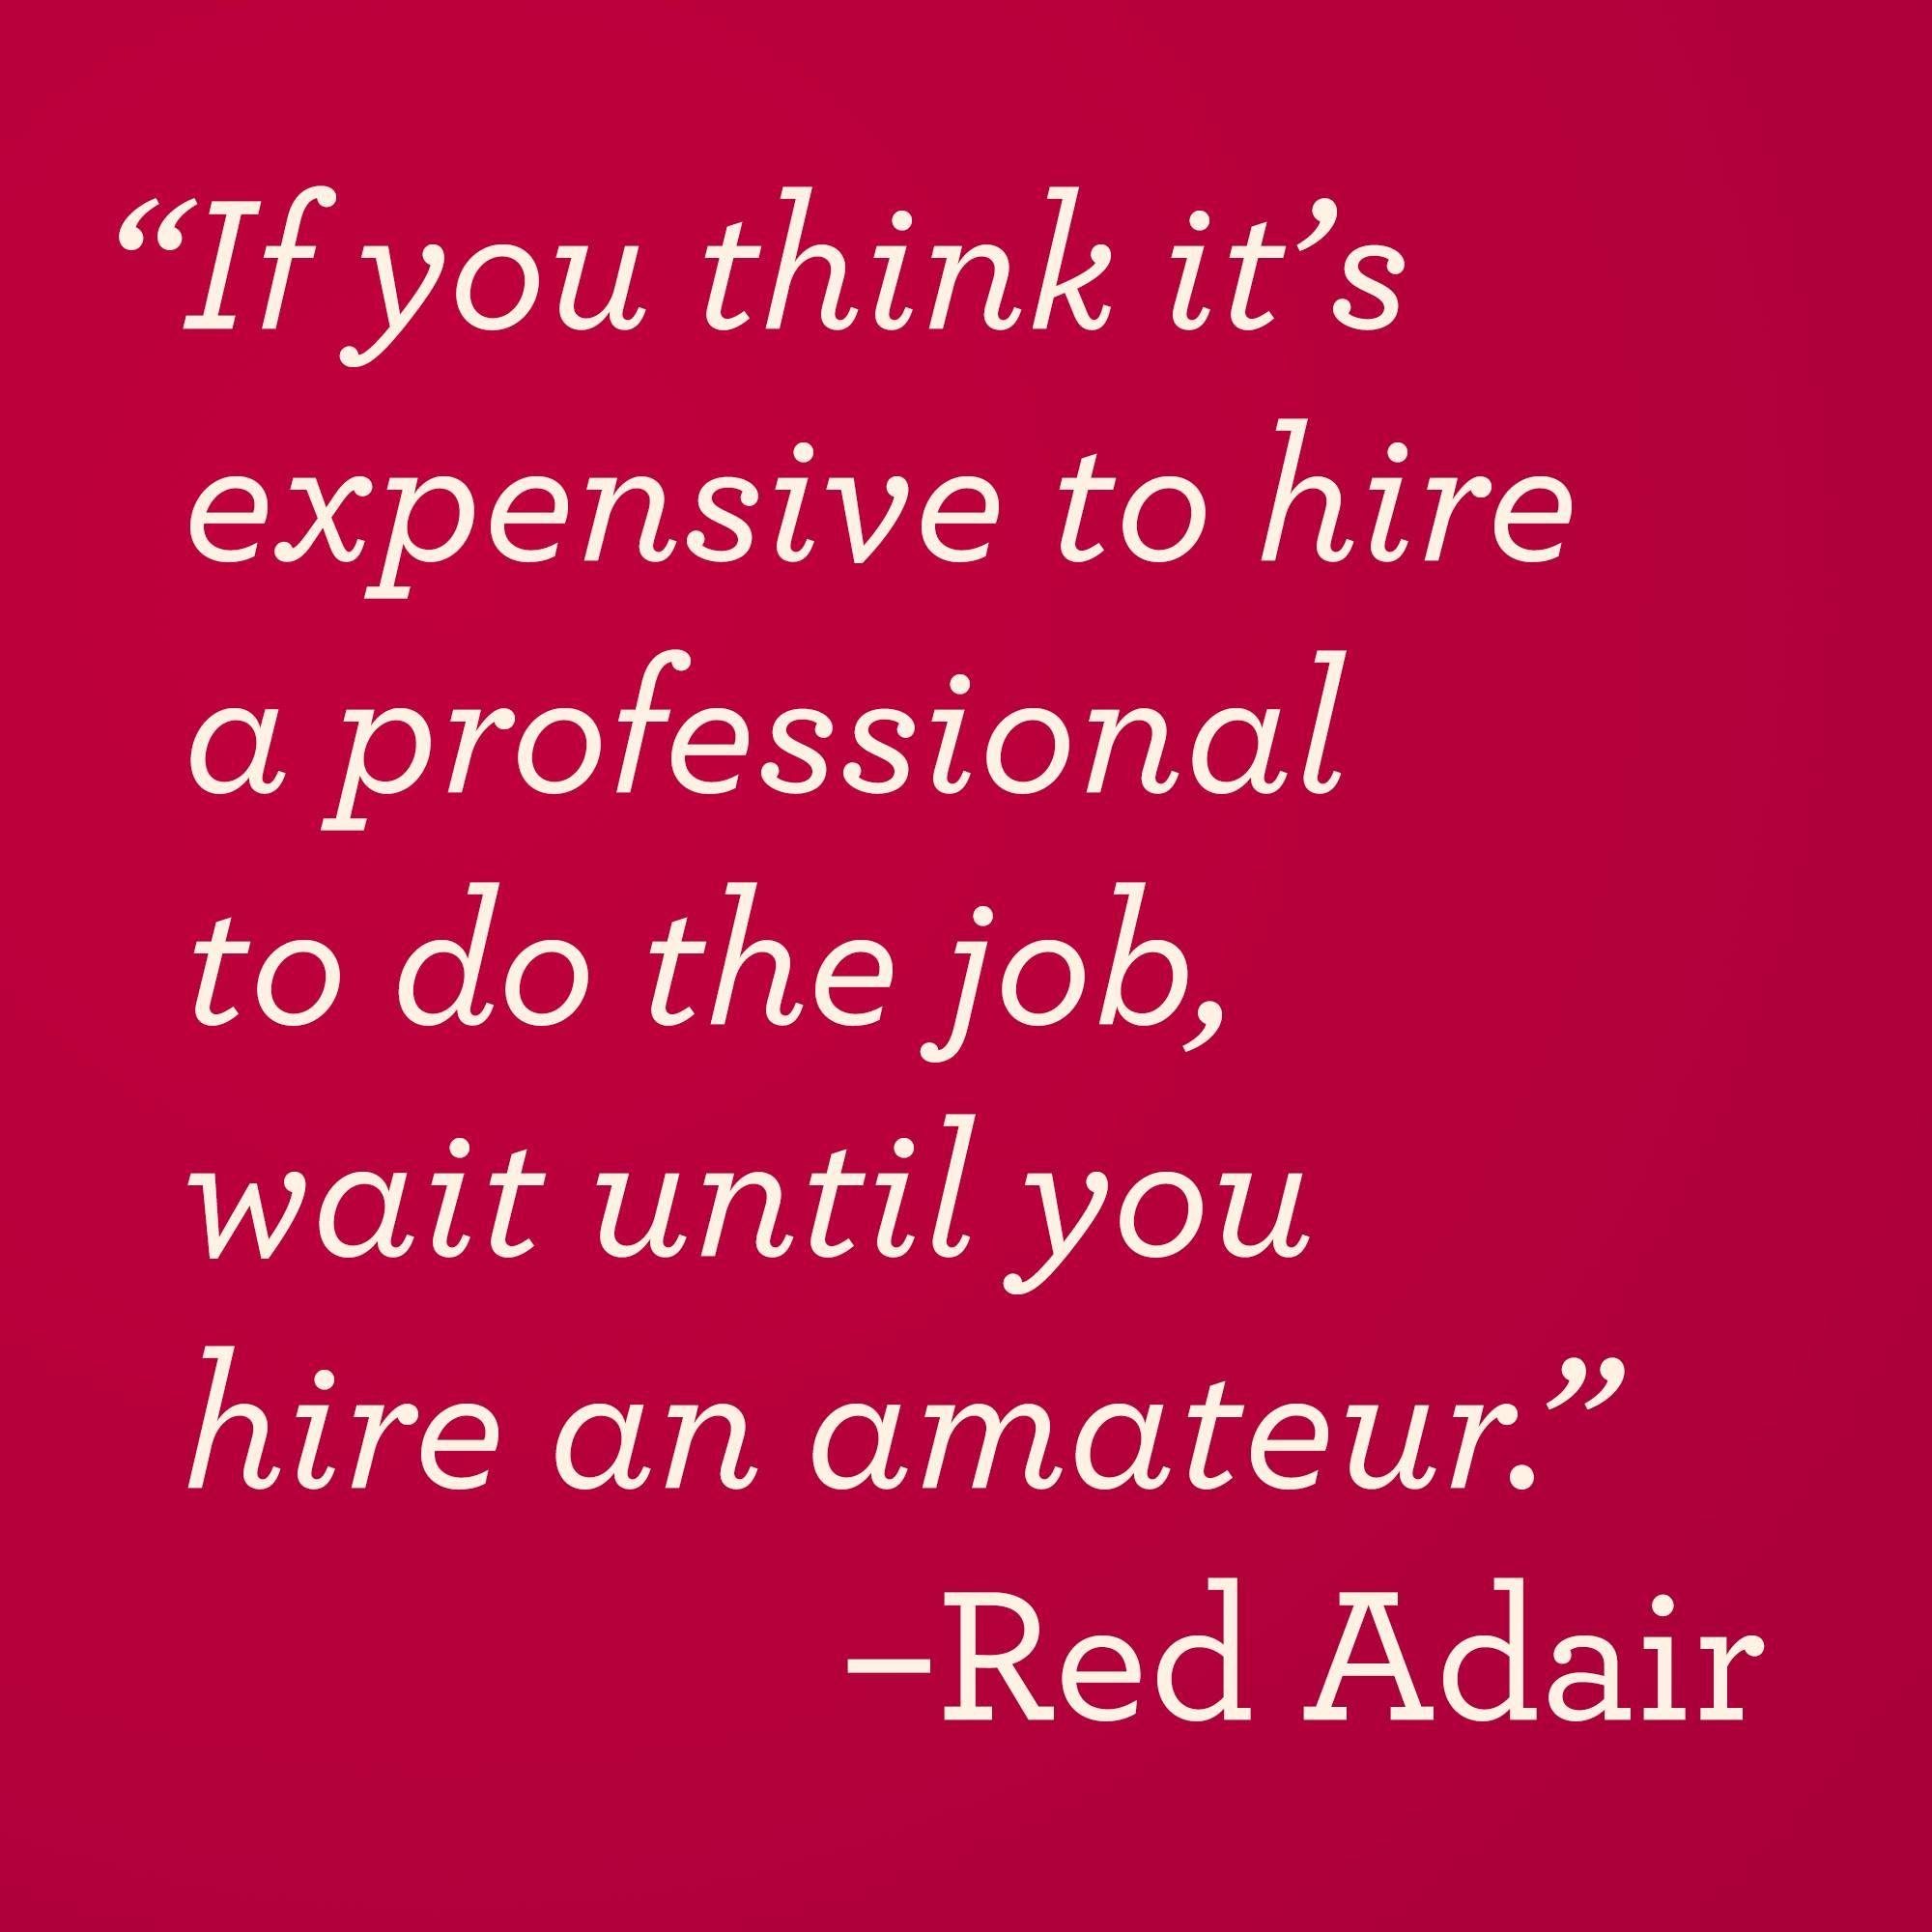 Red Adair Quotes. QuotesGram